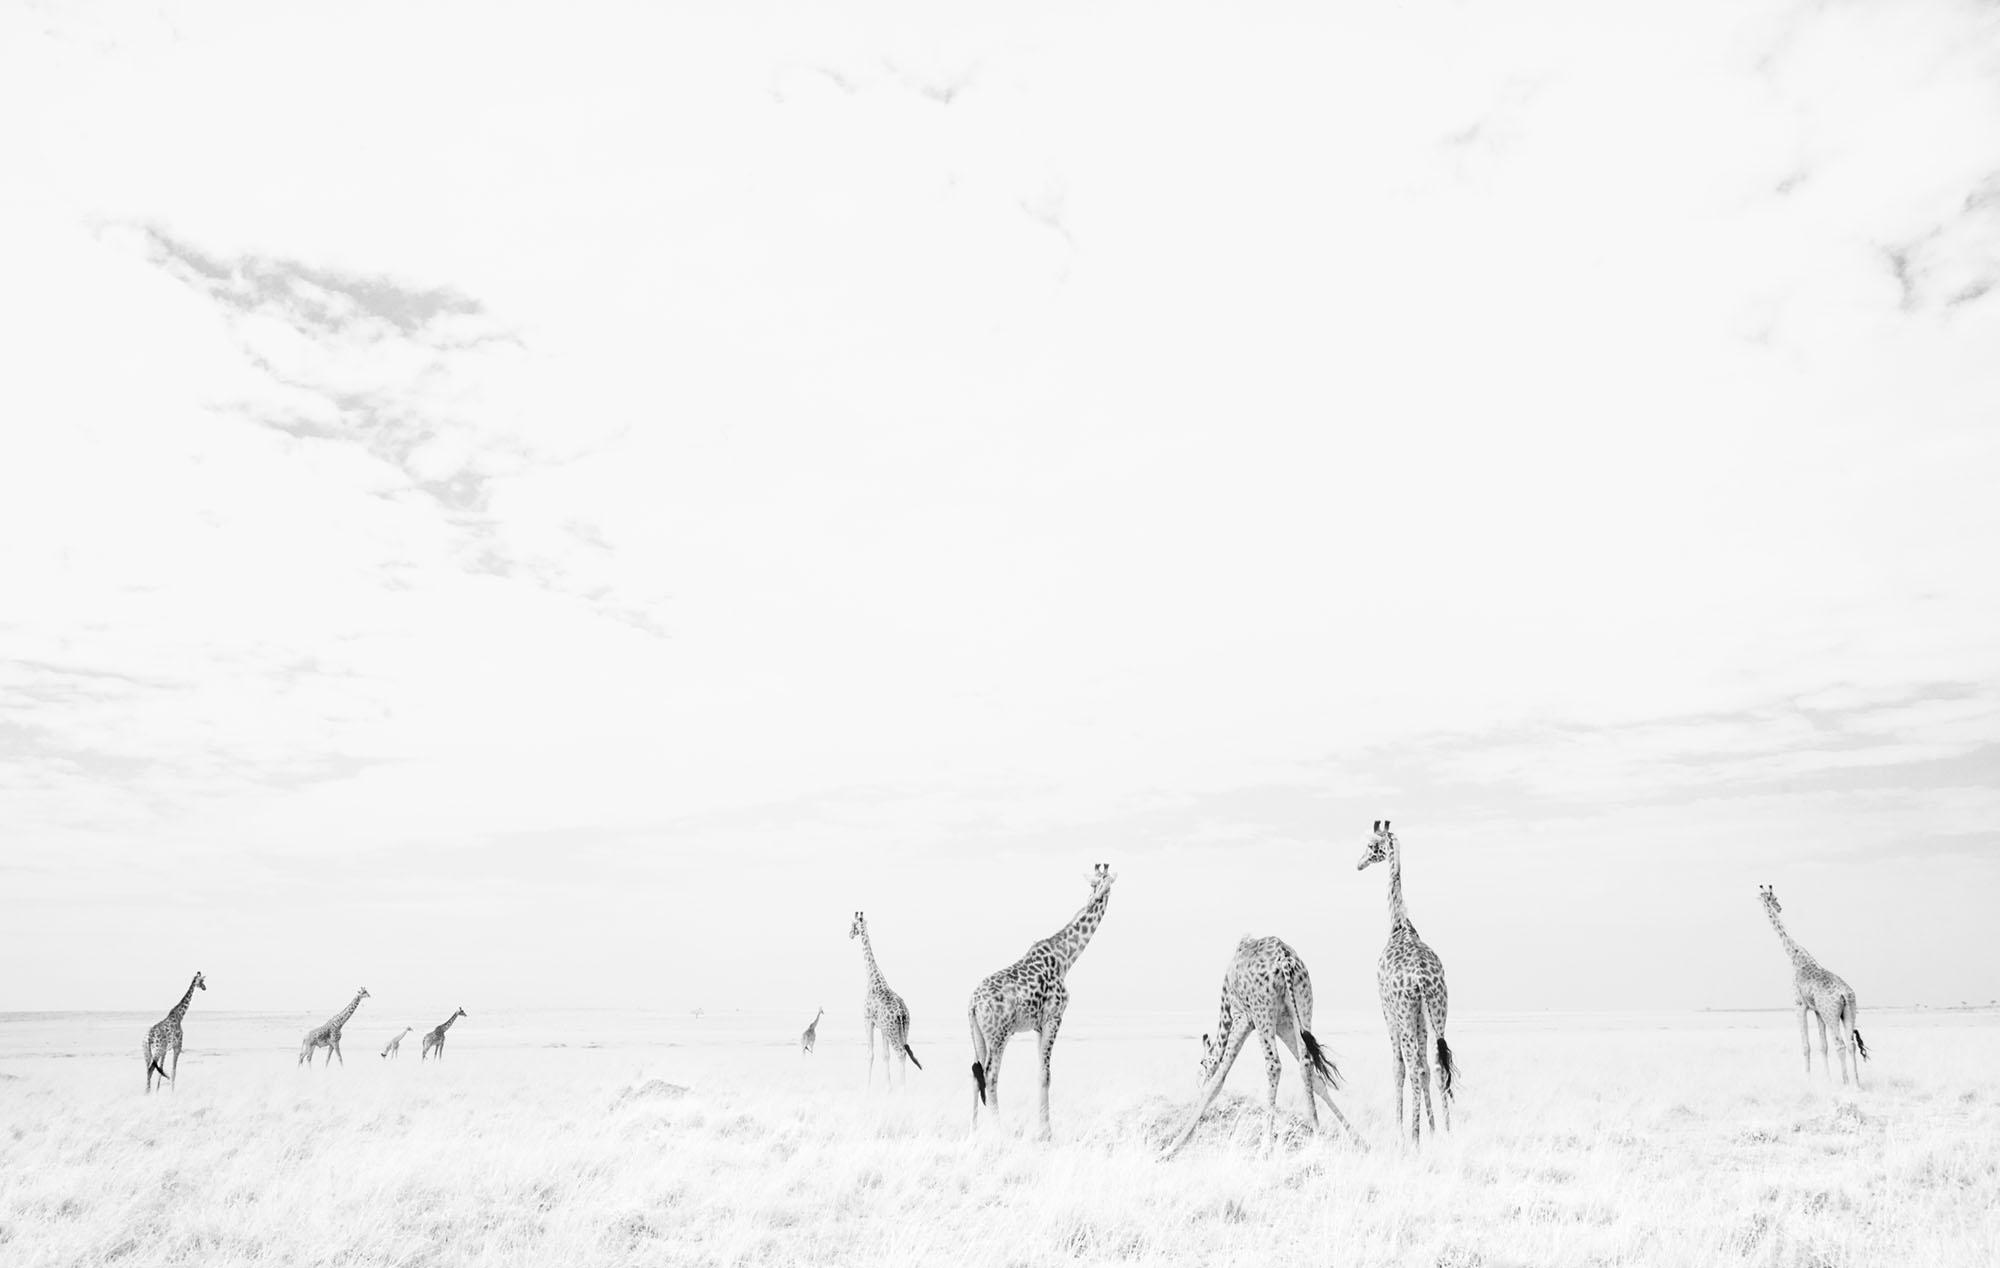 Maasai giraffes (Giraffa camelopardalis tippelskirchi). Maasai Mara National Reserve, Kenya. August 2017.